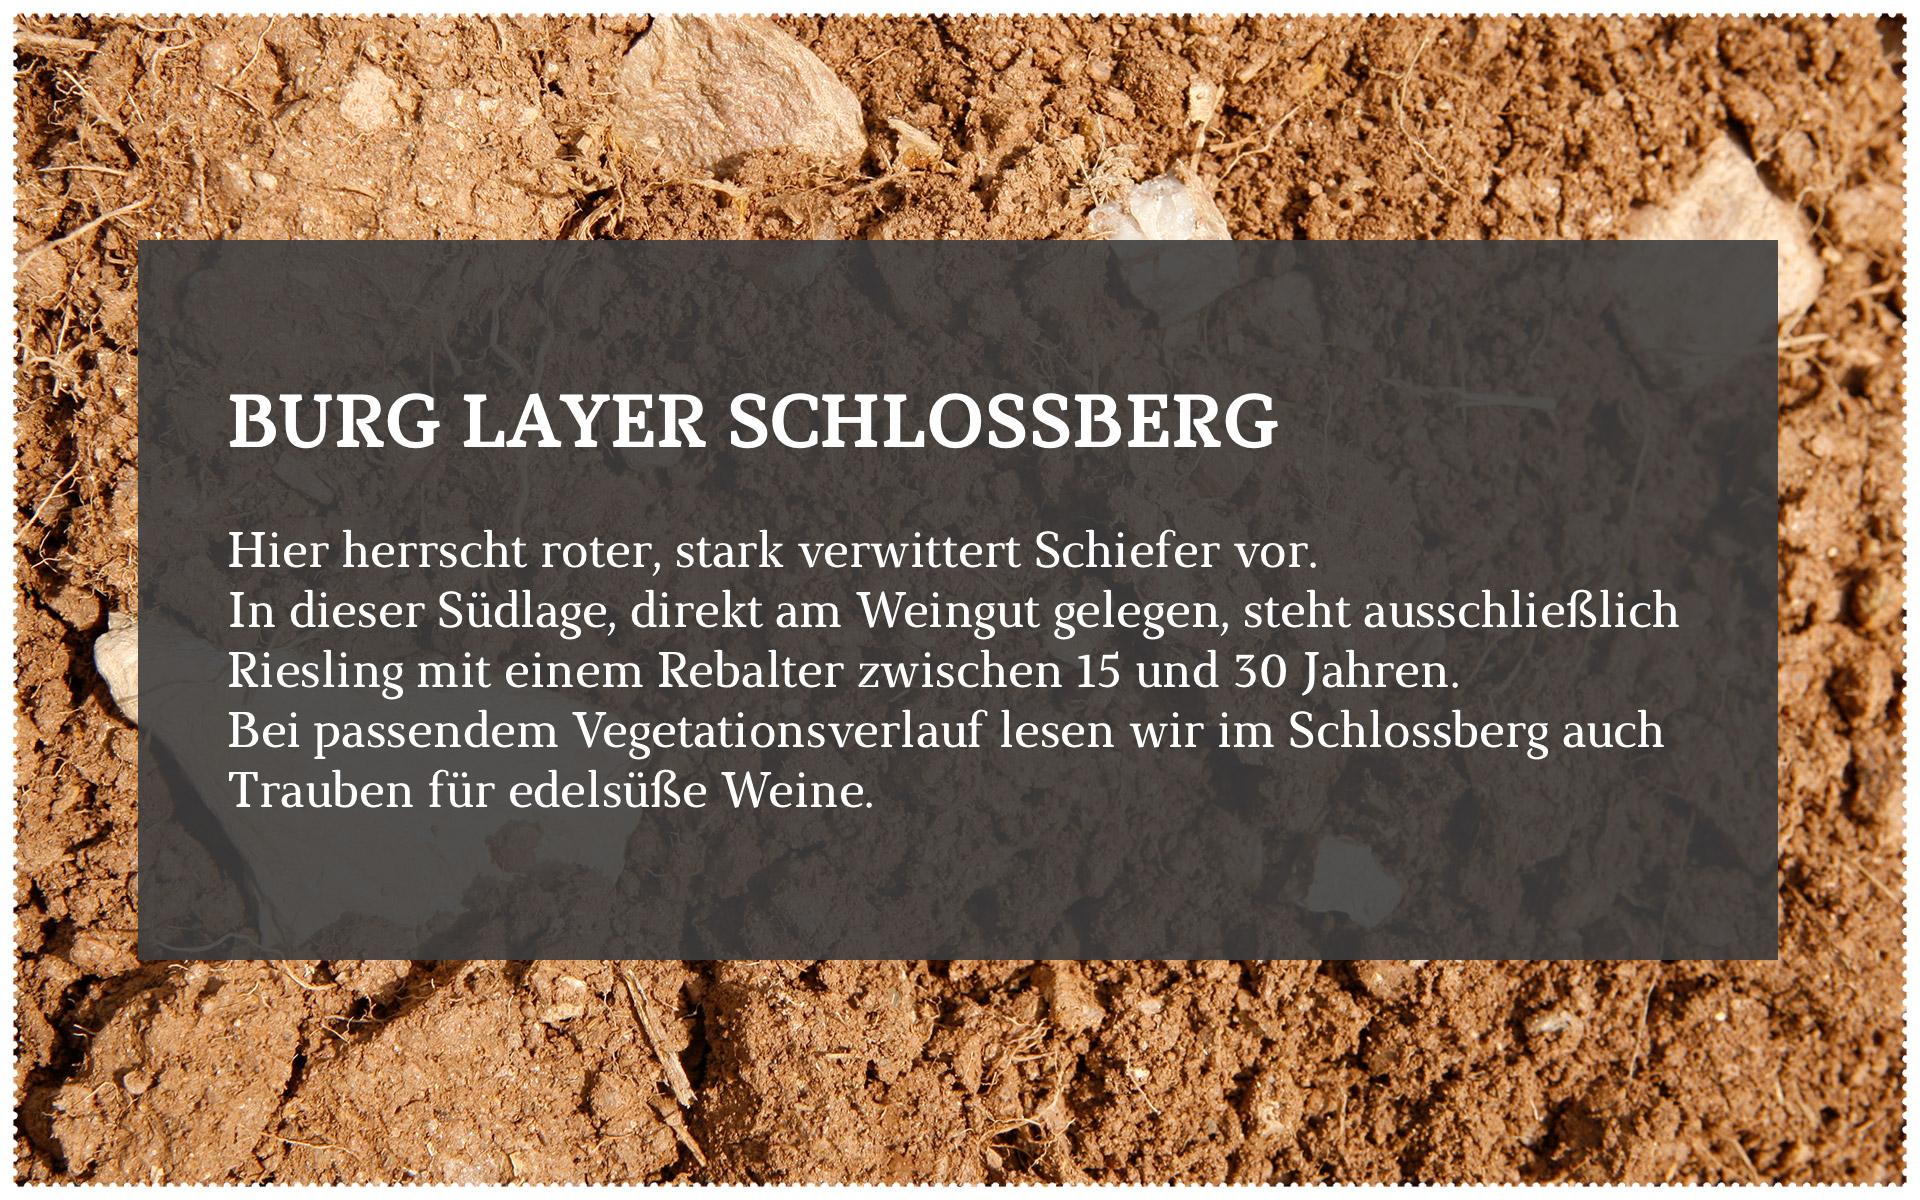 Forster_Lagen_3-3.jpg